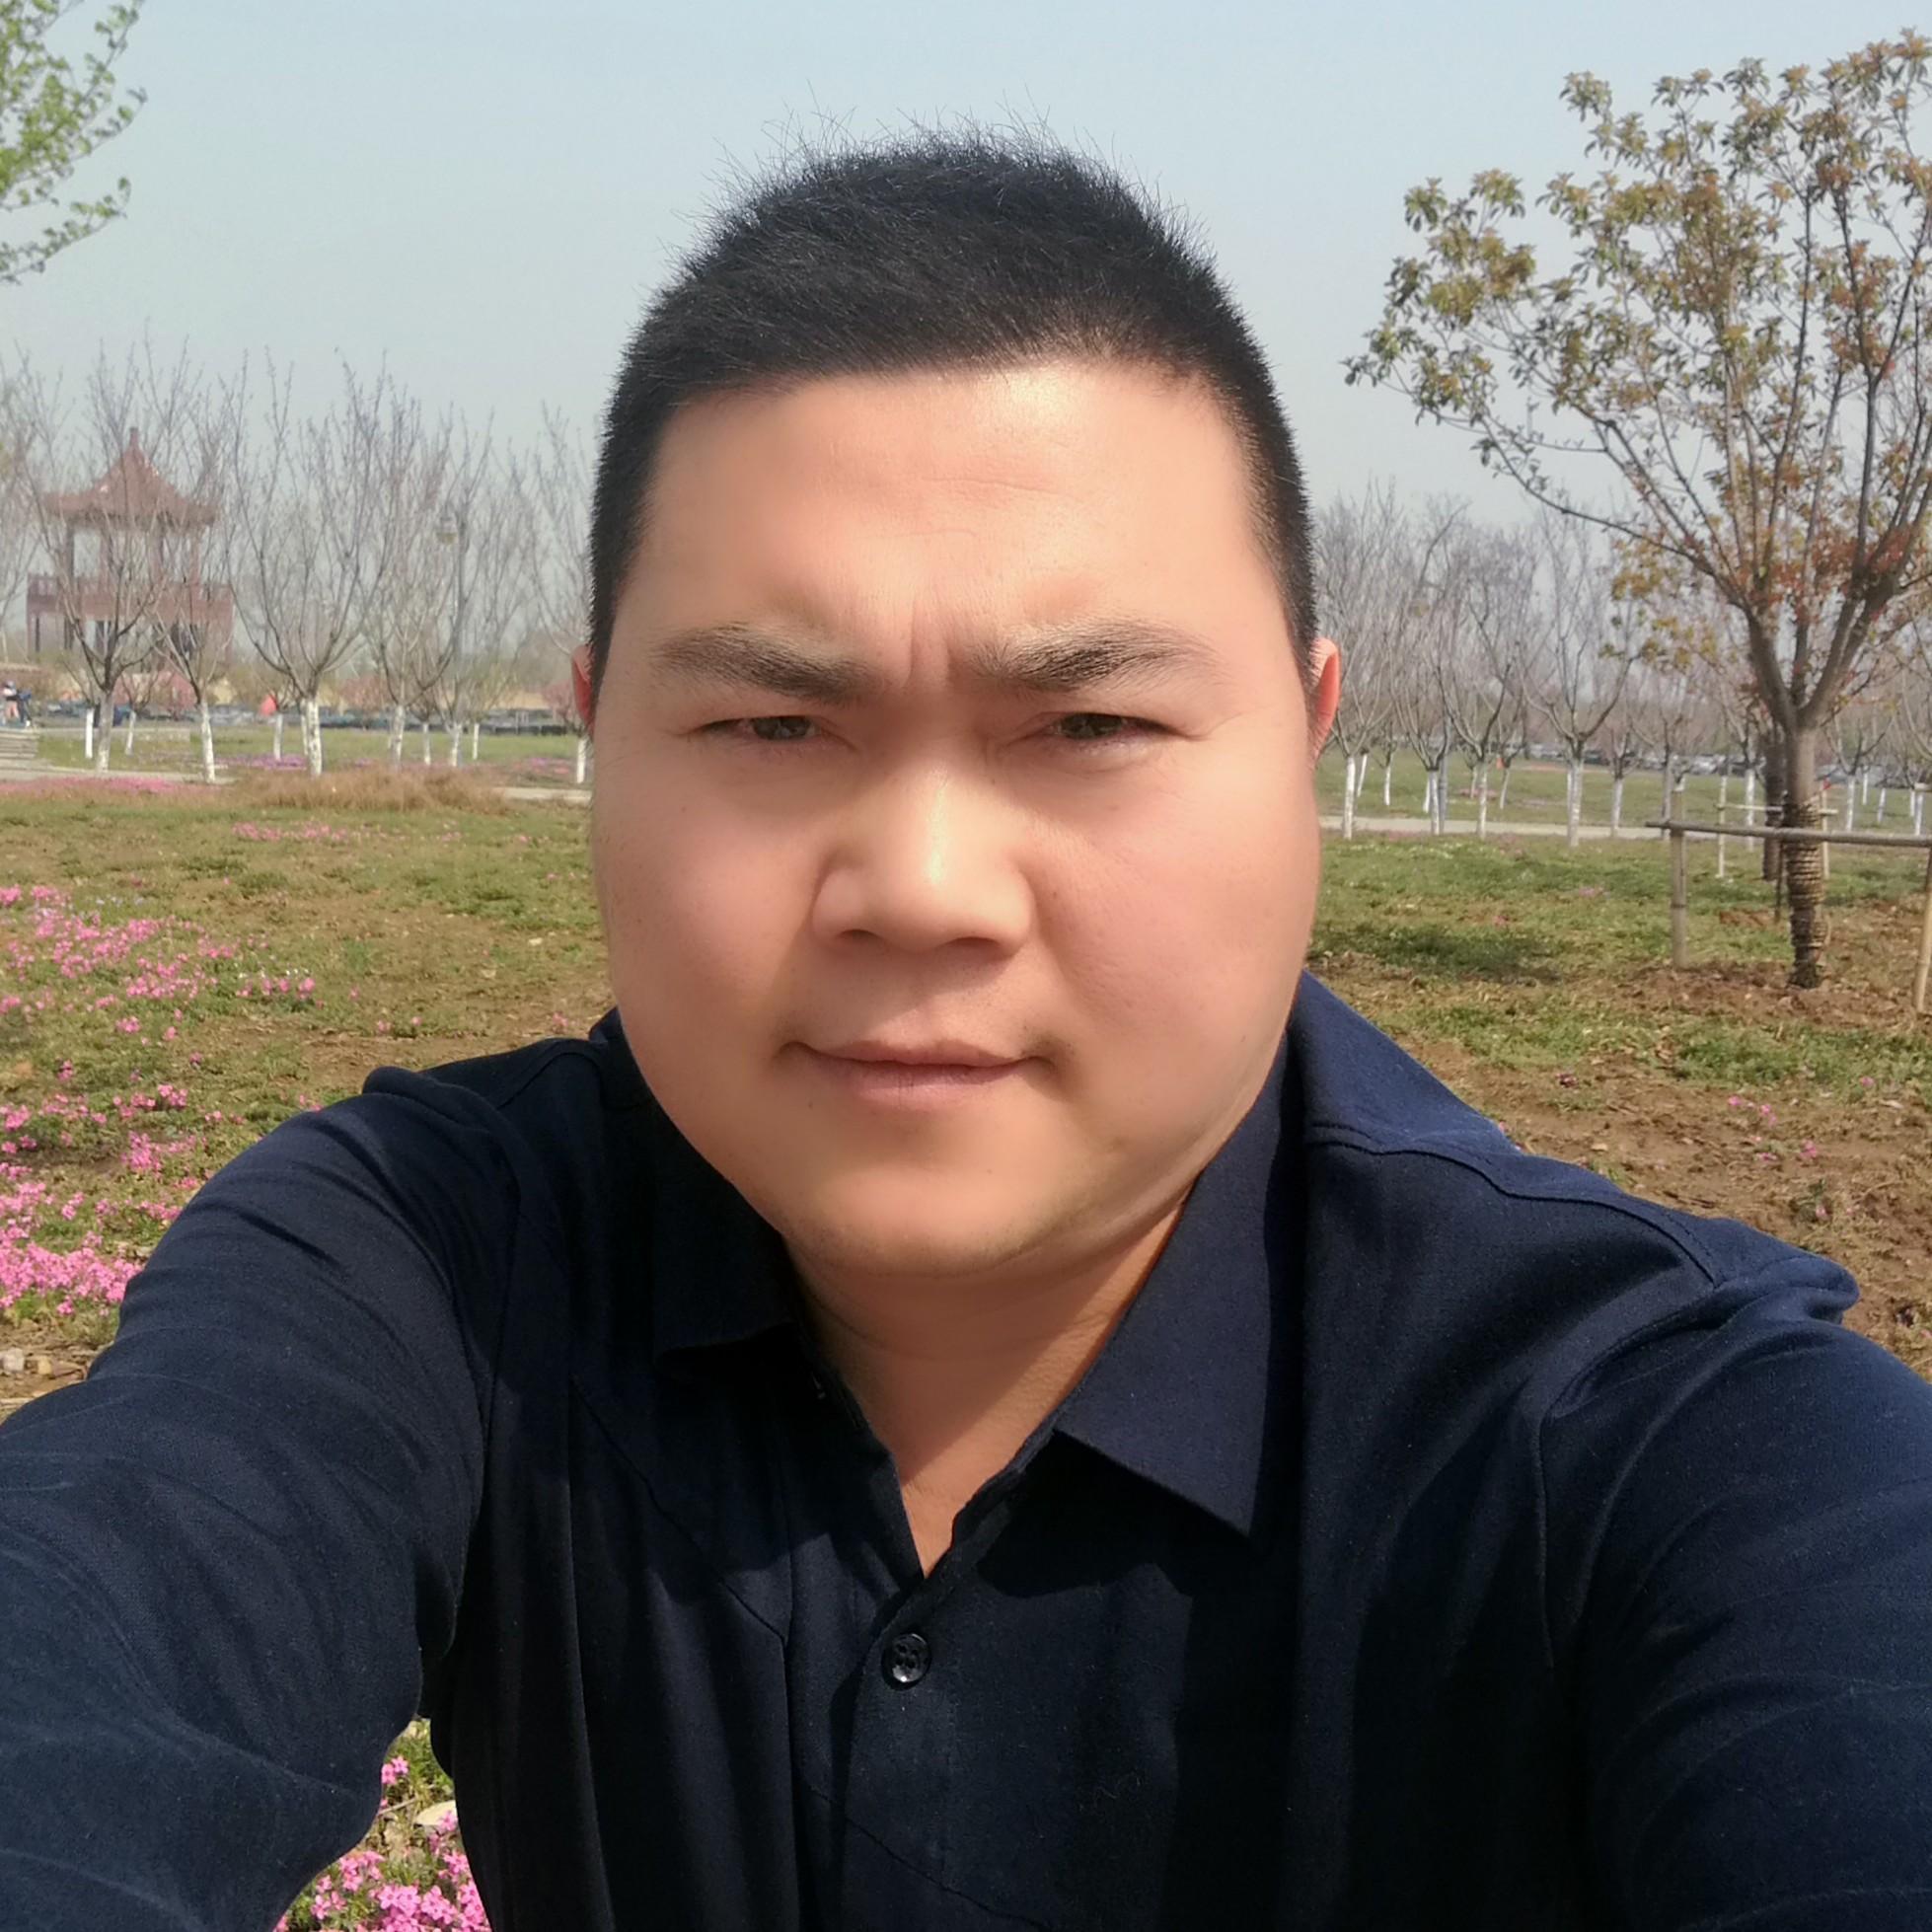 华润雪花啤酒(安徽)有限公司经理唐景运照片